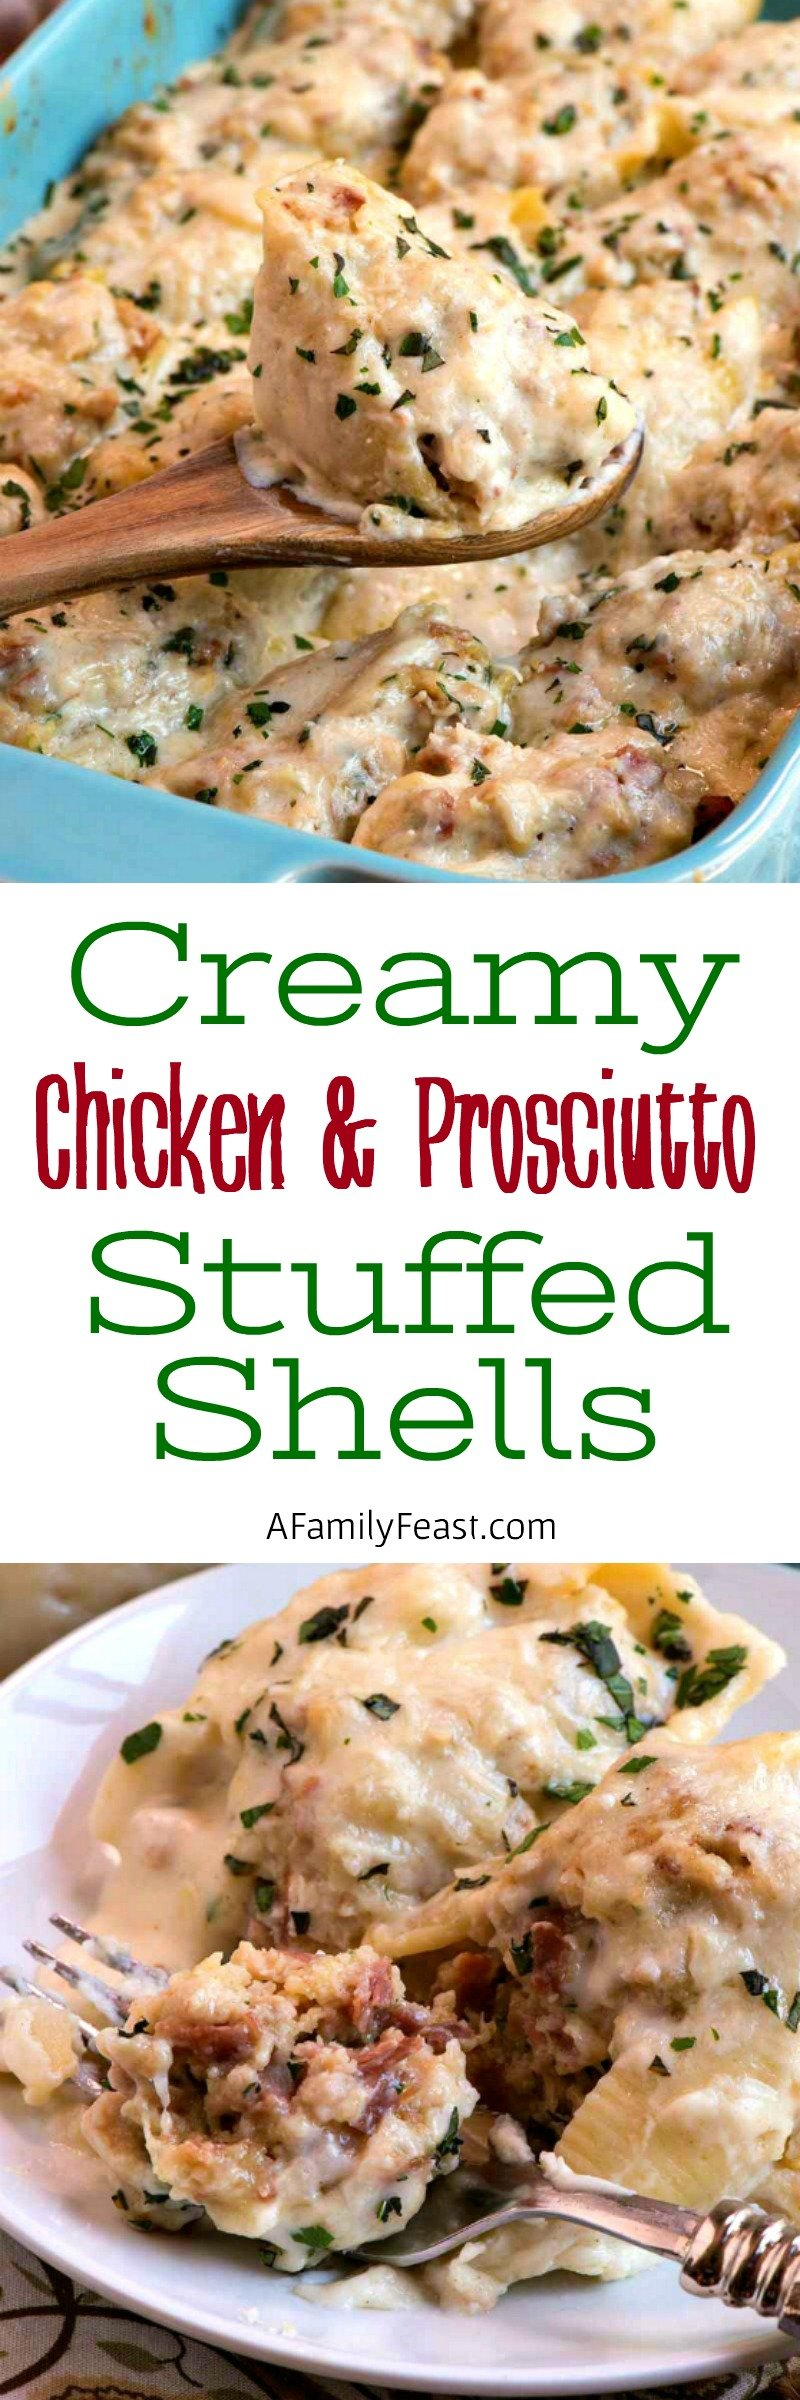 Creamy Chicken and Prosciutto Stuffed Shells